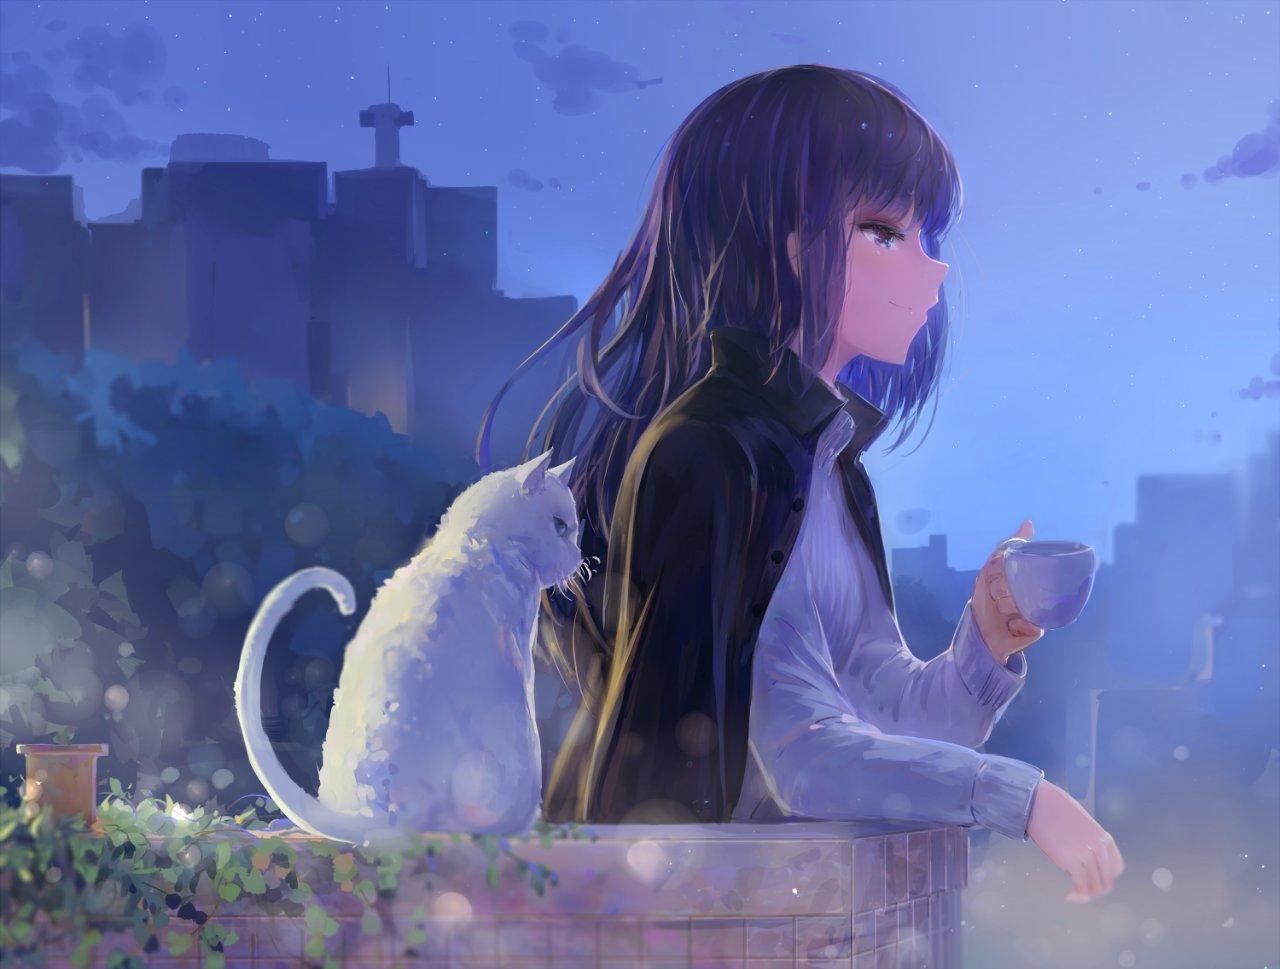 【音乐】約束(翻自 リリィ、さよなら。)